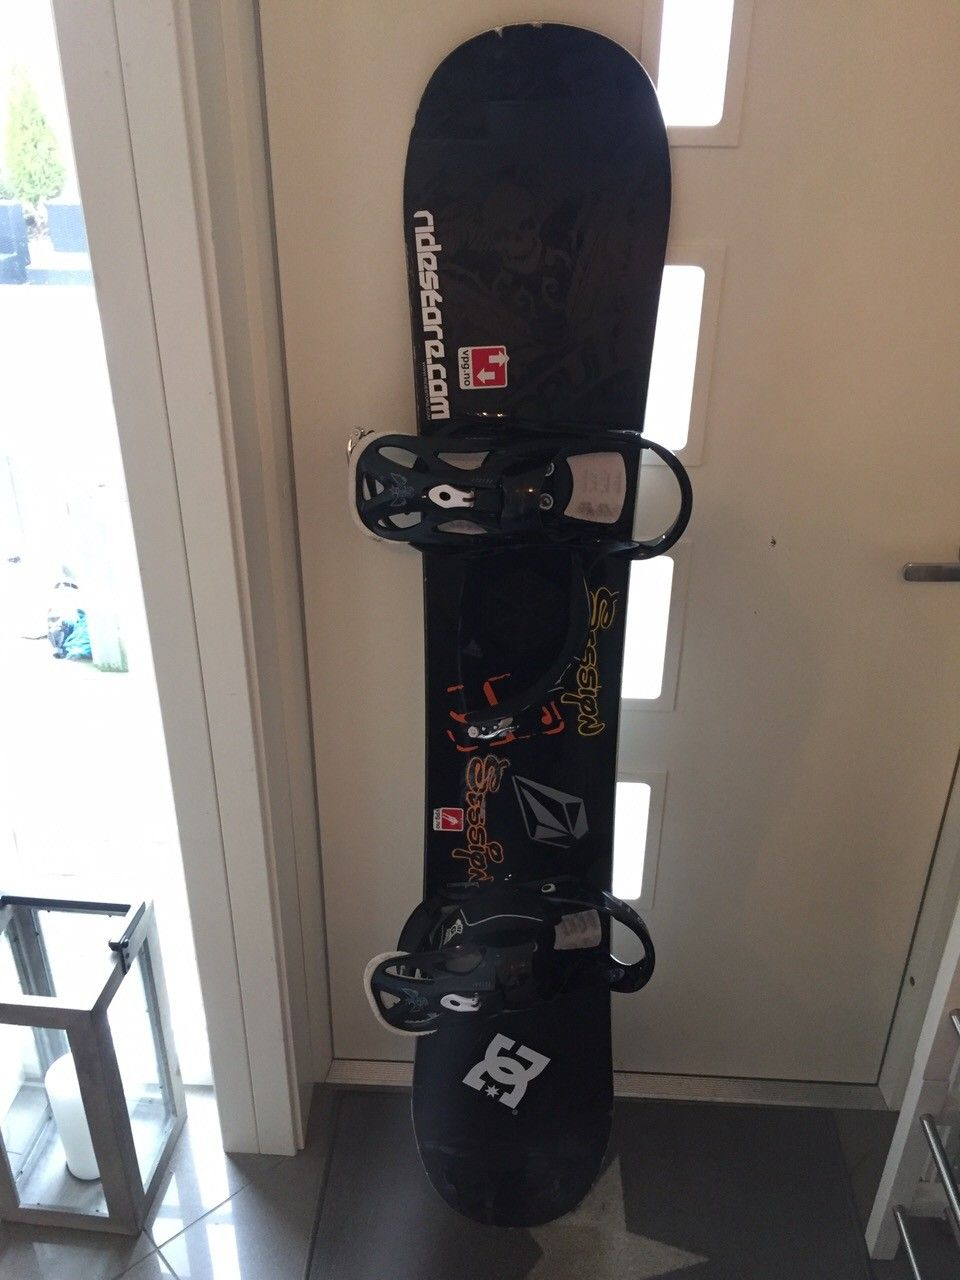 Forum destroyer 158cm snowboard - Straume  - Selger brukt forum destroyer snowboard. Godt brukt. Er et par riper under brettet men de er dekket med voks. Dette er et snowboard som hovedsakelig er for park kjøring, men har hatt mange fine turer i pudderet. Skoene som følger med er av mer - Straume